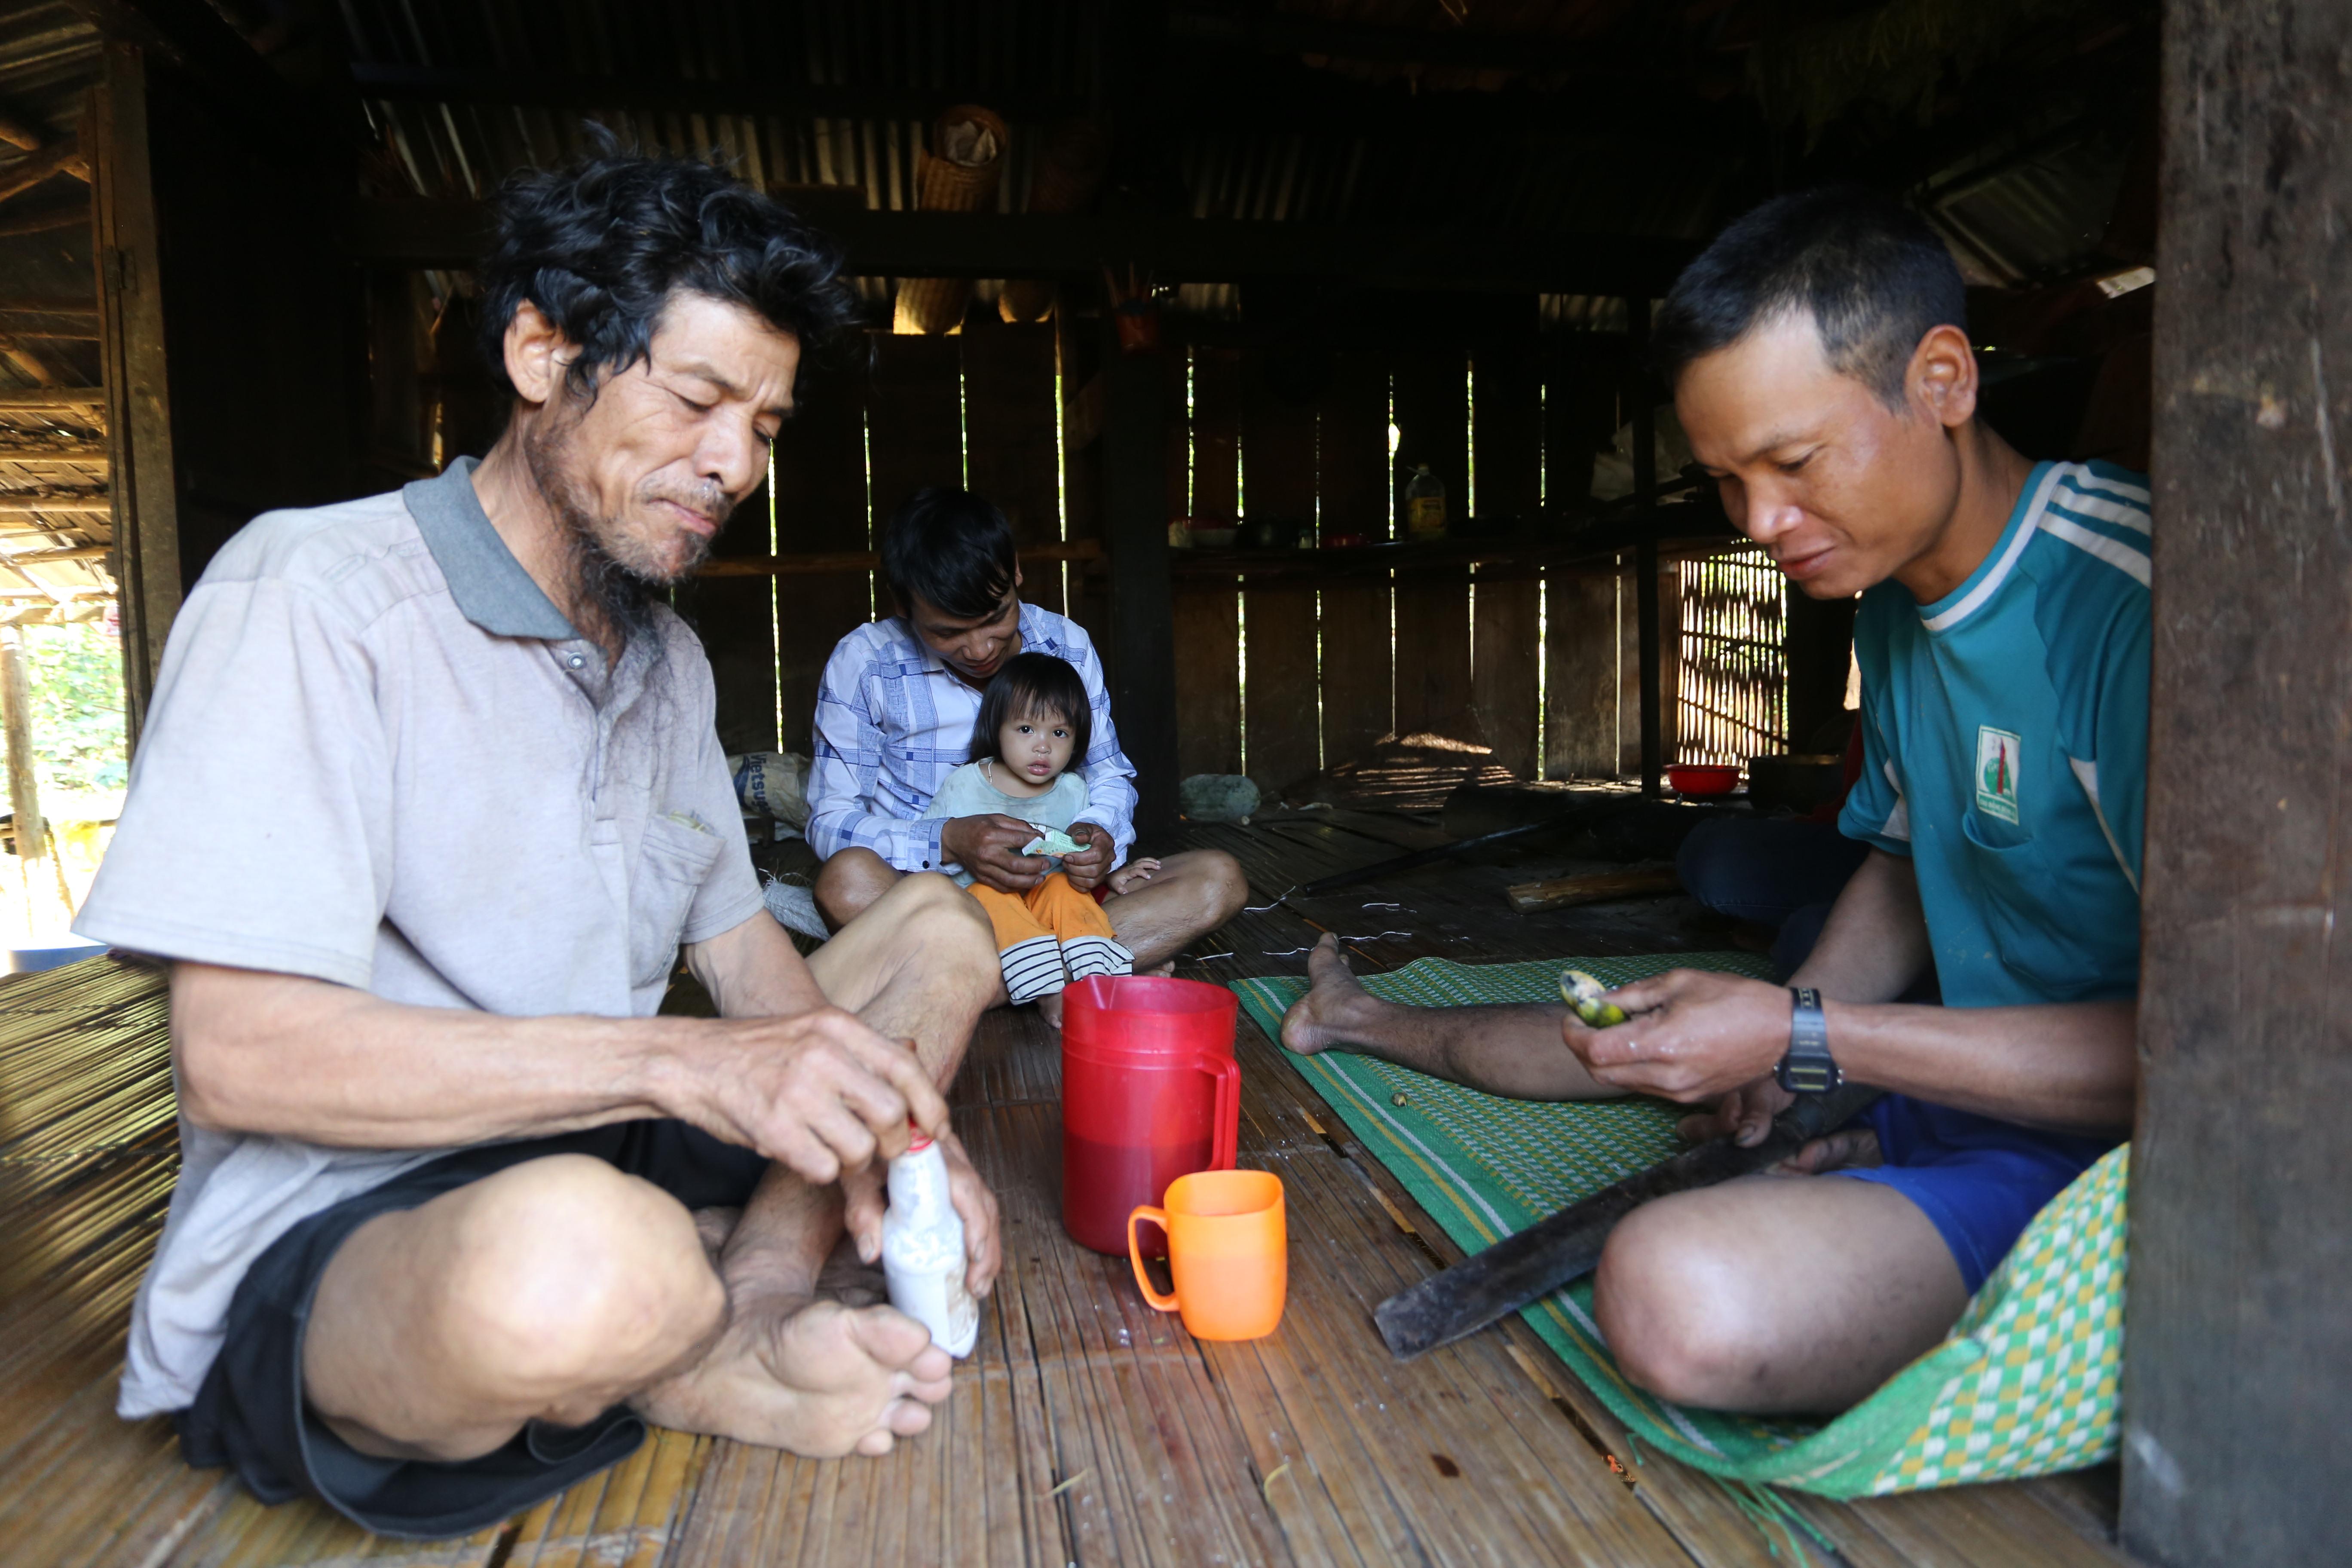 Gia đình ông Phong cùng ăn trầu sau ngay làm việc.